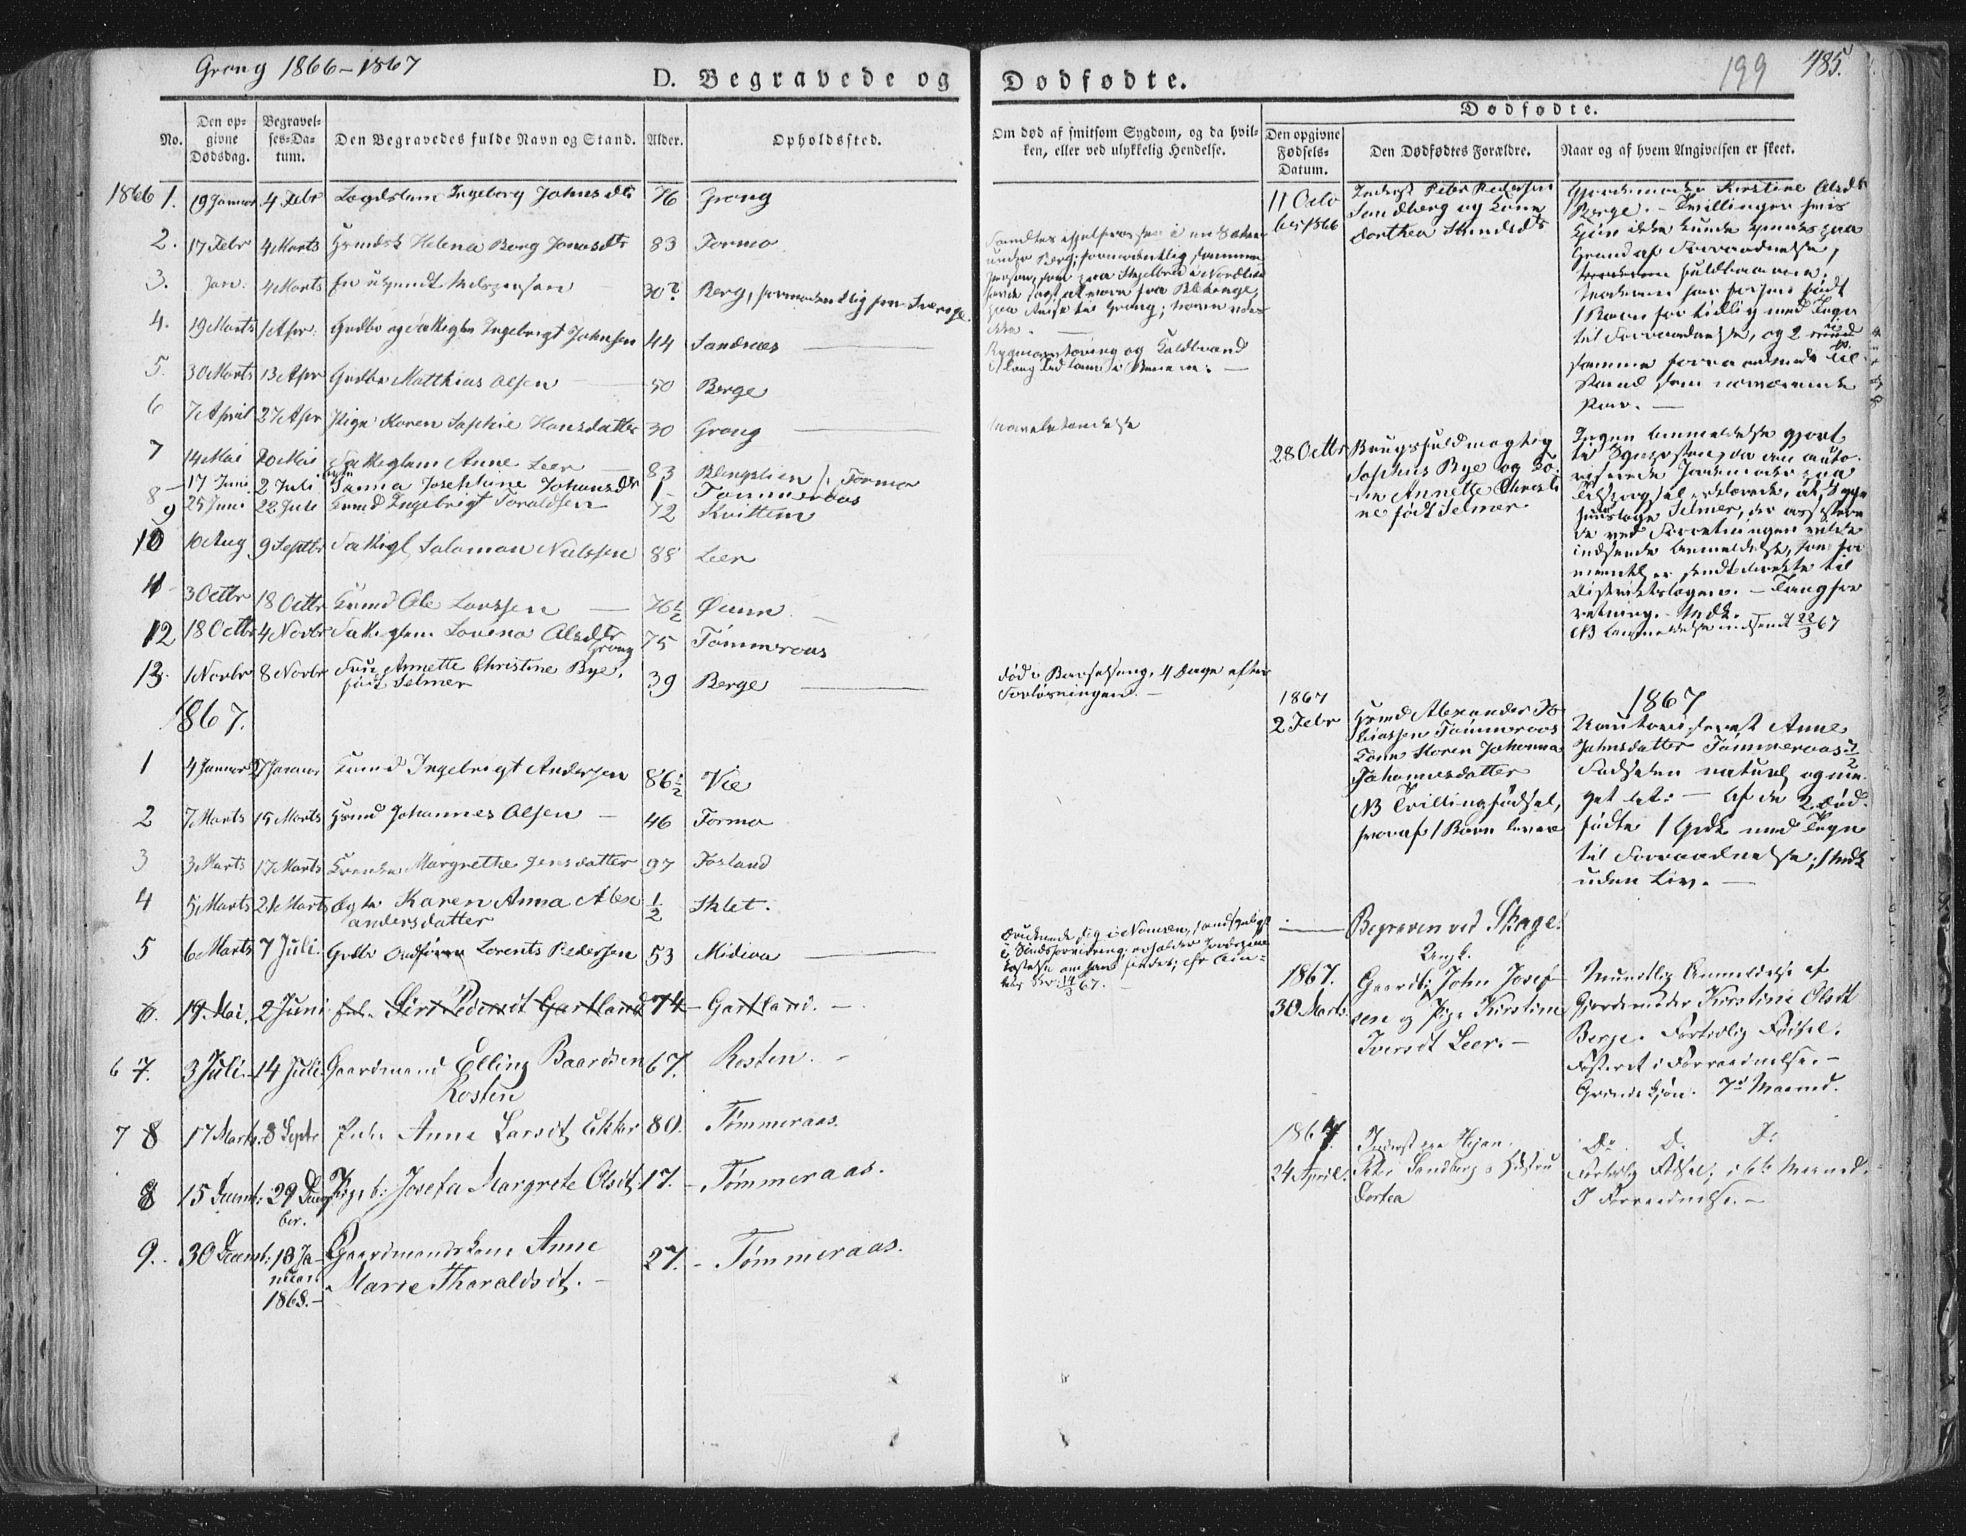 SAT, Ministerialprotokoller, klokkerbøker og fødselsregistre - Nord-Trøndelag, 758/L0513: Ministerialbok nr. 758A02 /1, 1839-1868, s. 199